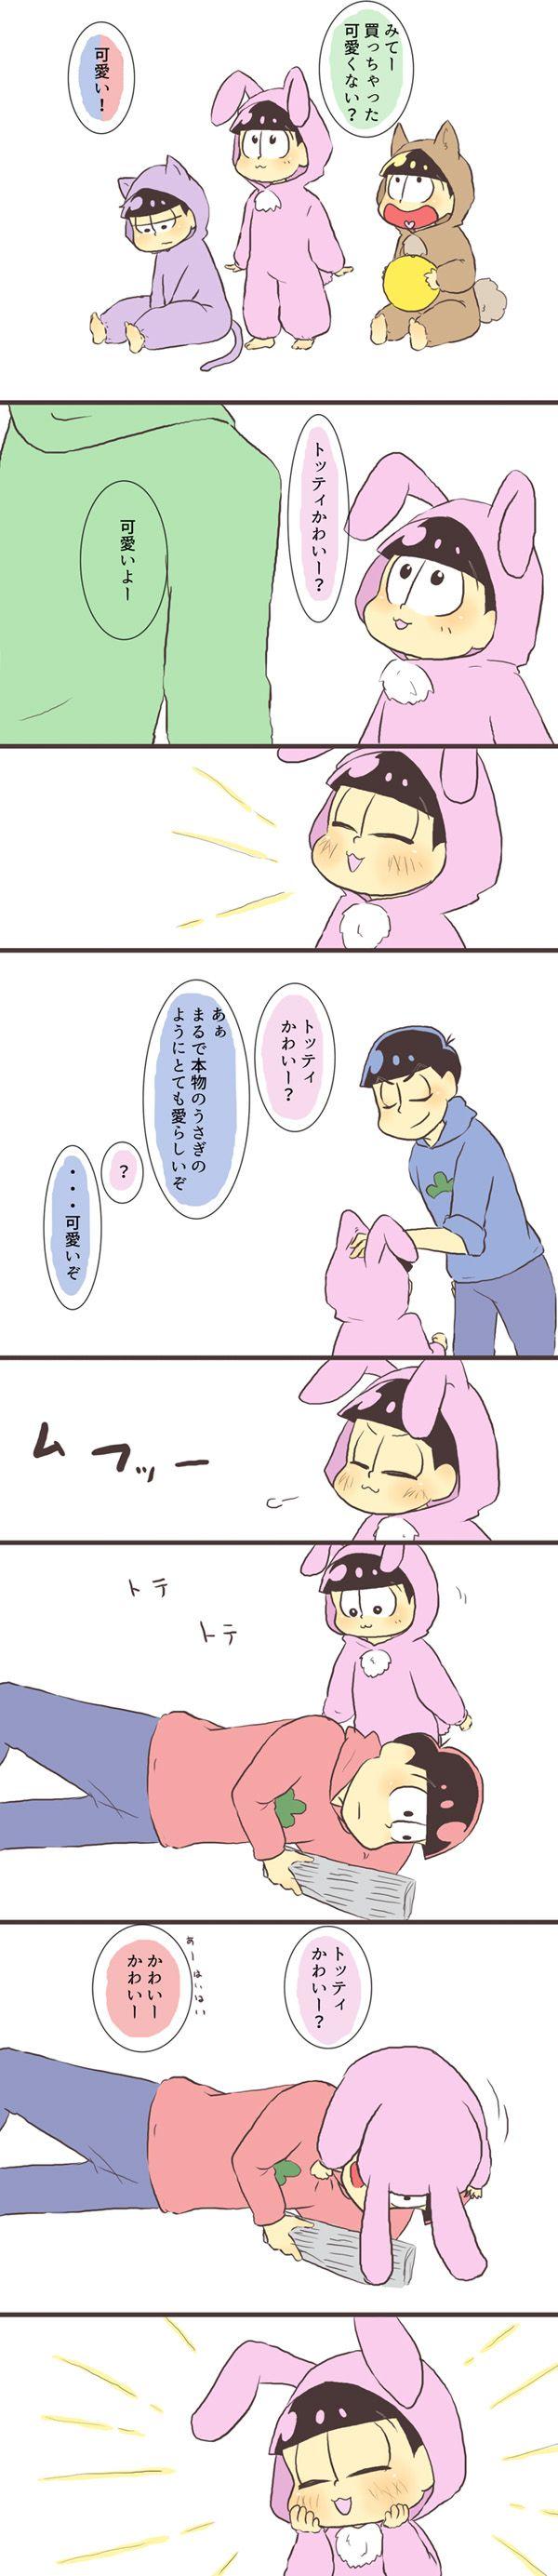 「ショタ弟松」/「納豆 まき」の漫画 [pixiv]